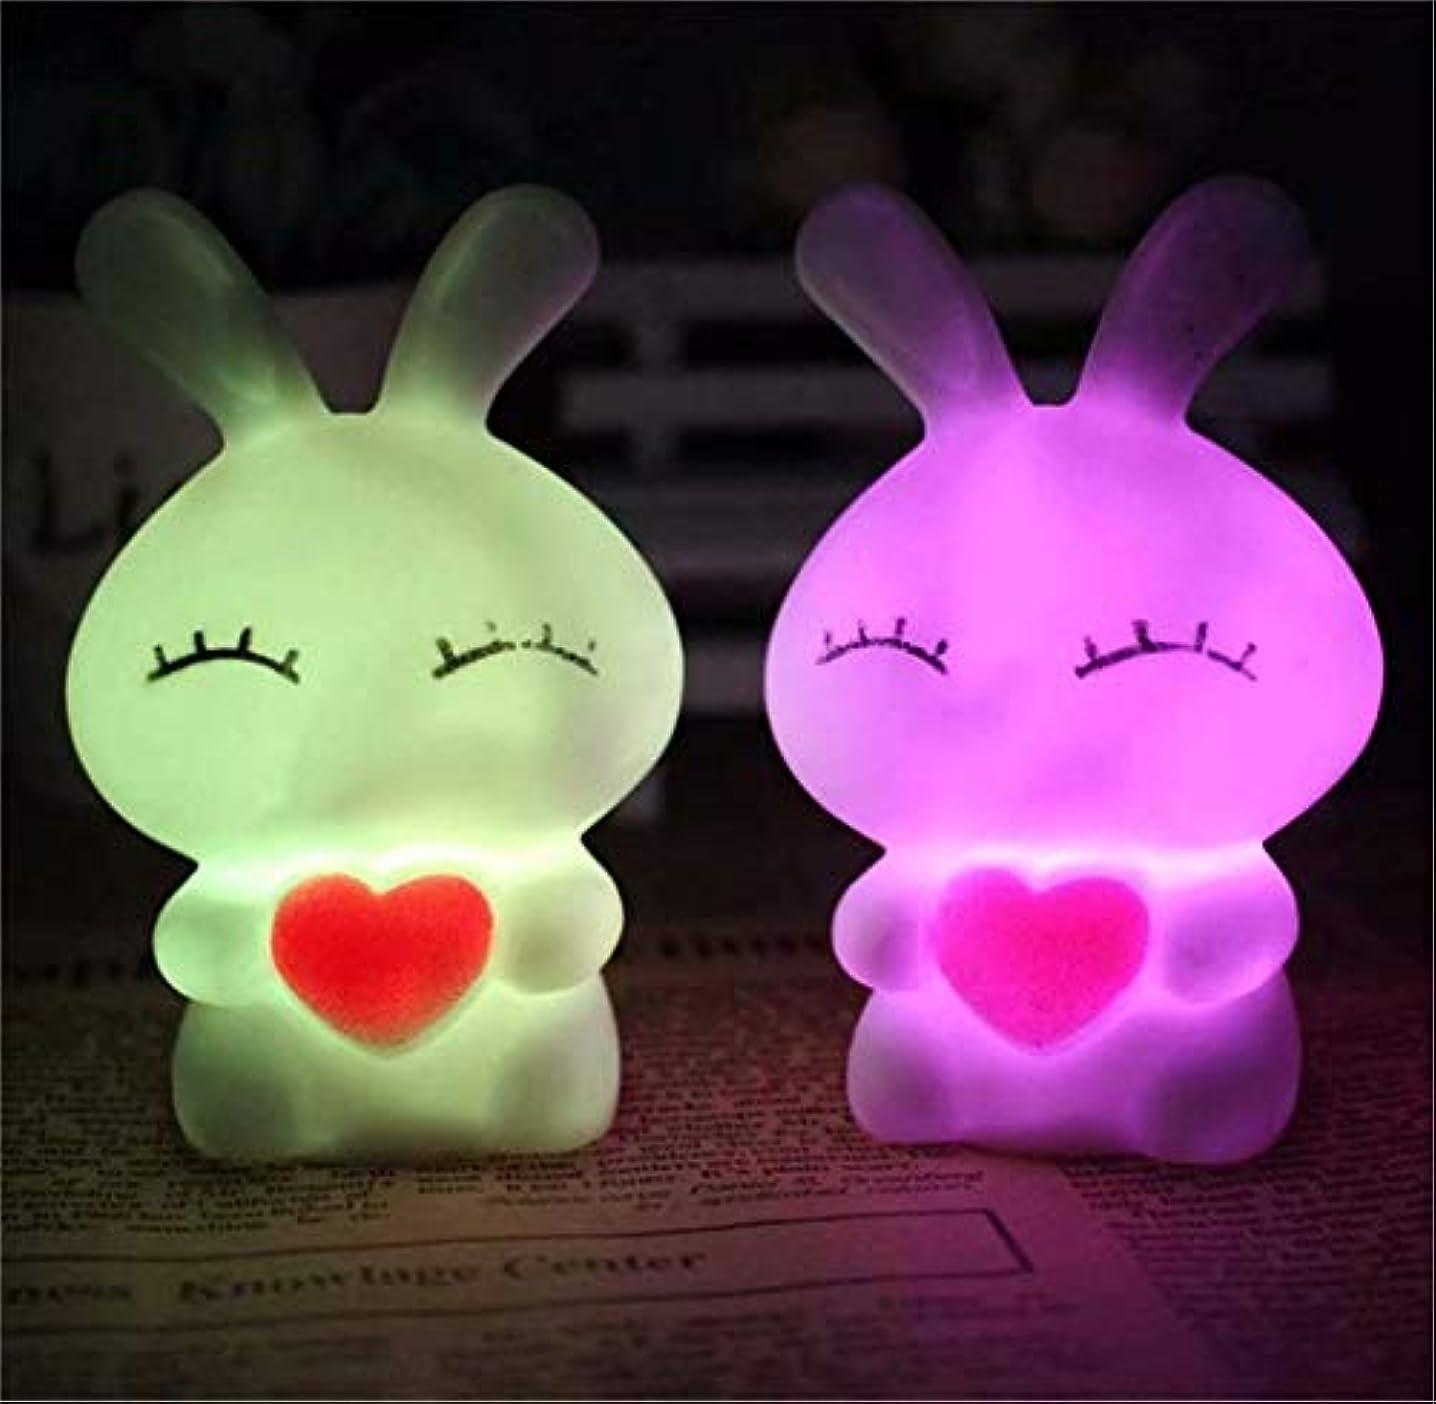 大臣リーズ不合格七里の香 シリコンランプ LEDナイトライト 常夜灯 USB充電 子供用 1PC